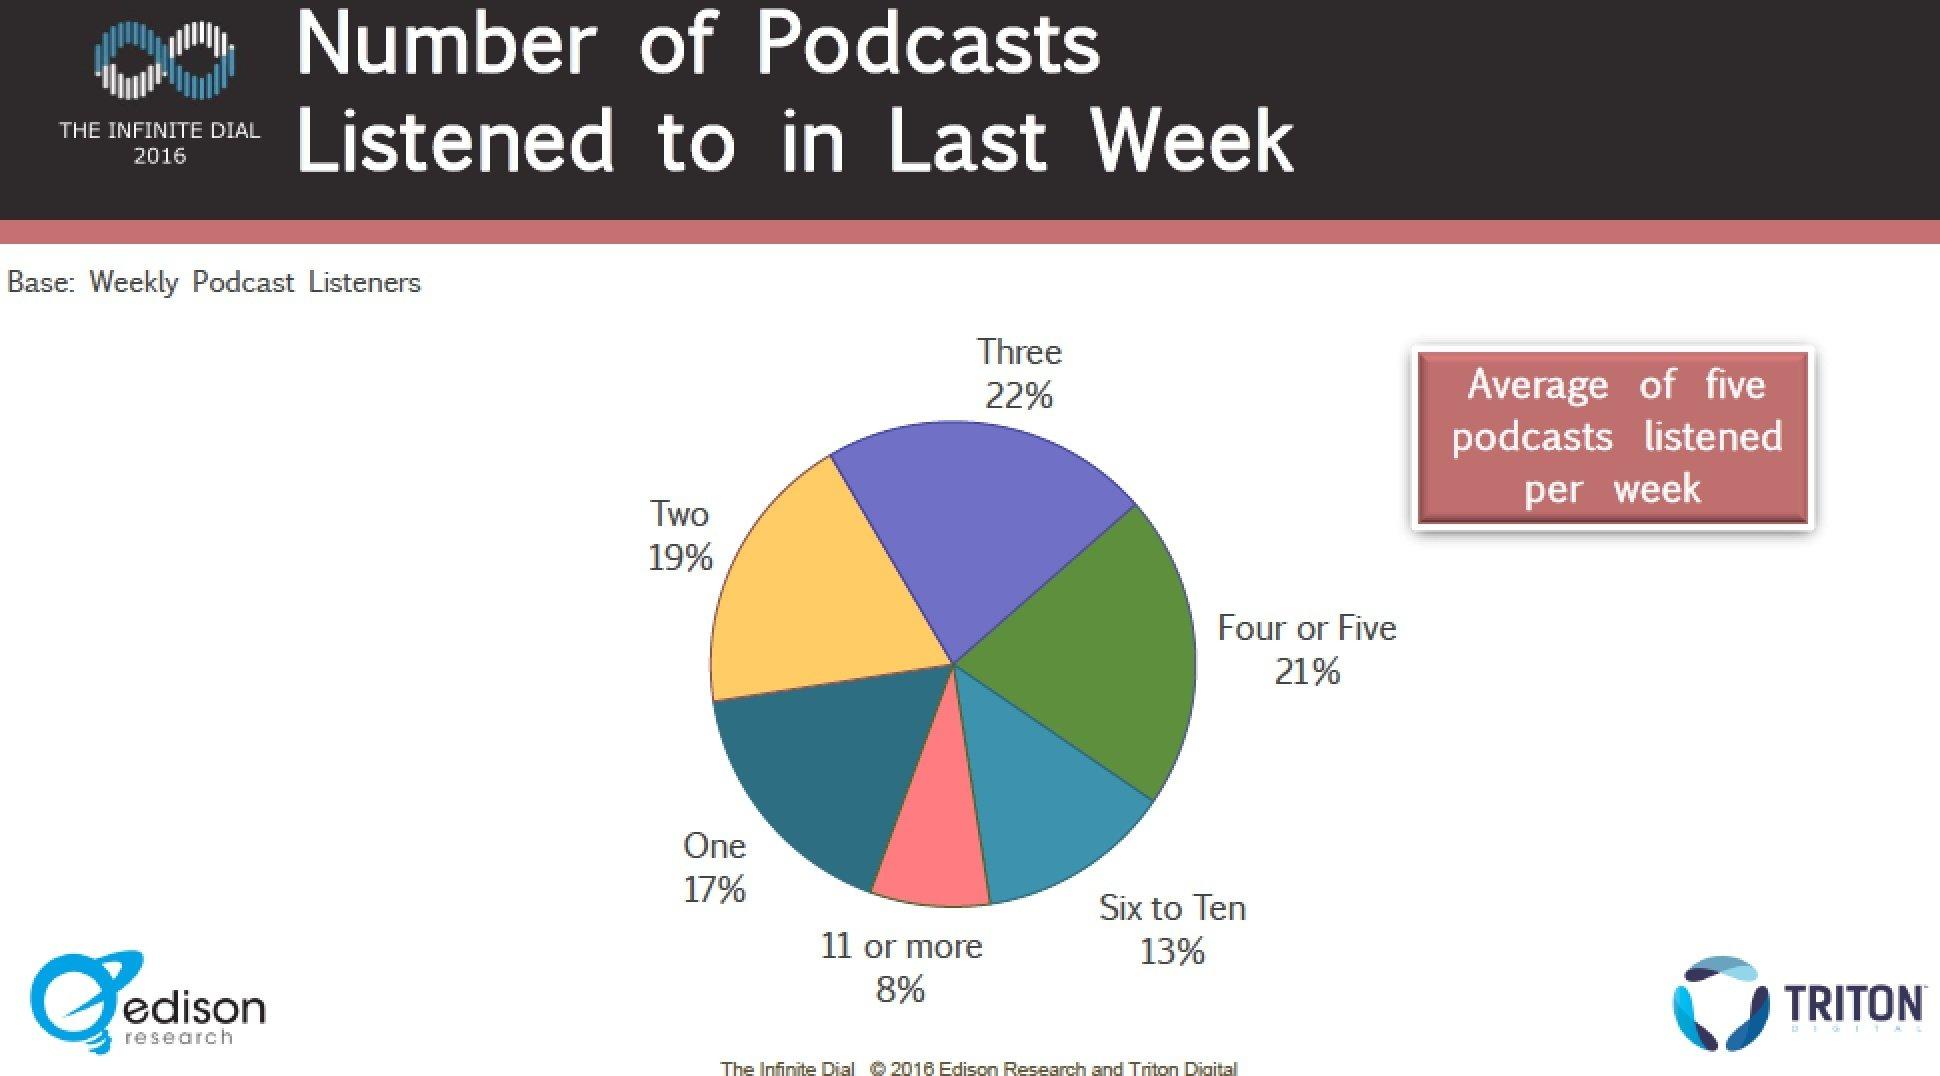 podcast statistics 2016 - 2